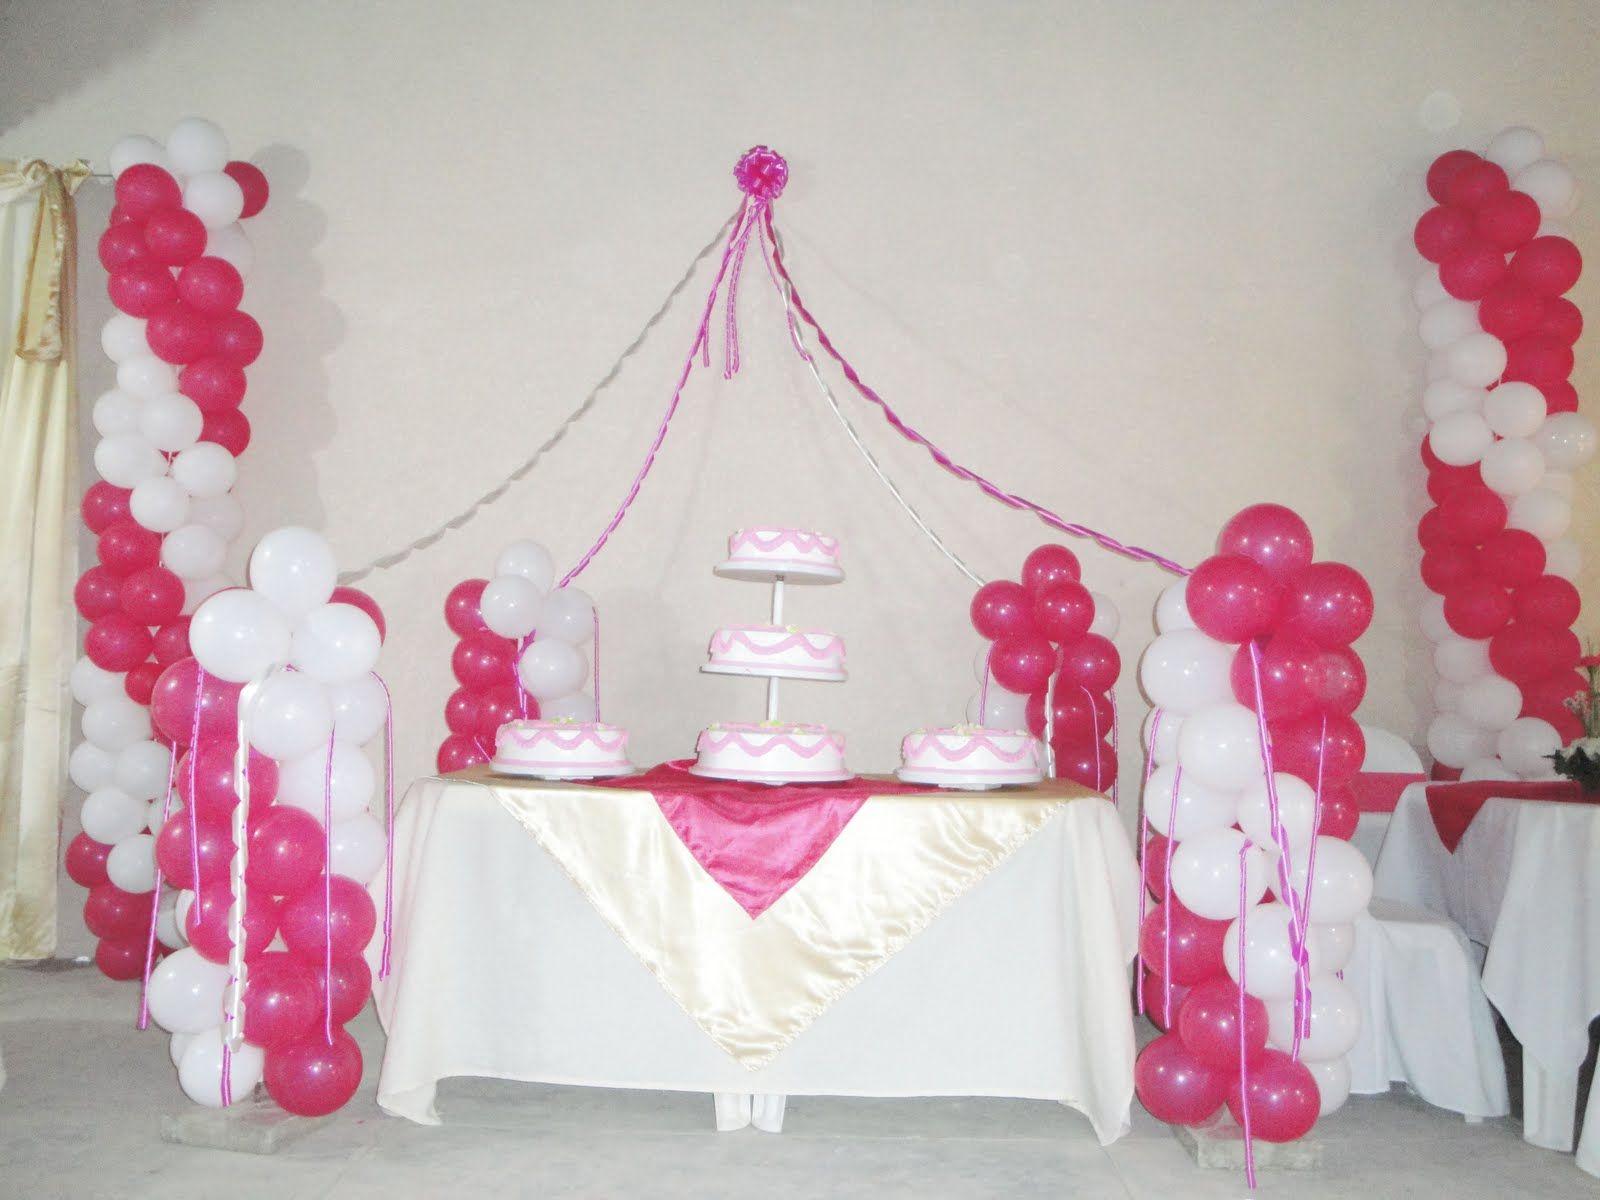 Decoracion para una quinceanera una opci n para adornar - Decoracion de globos ...